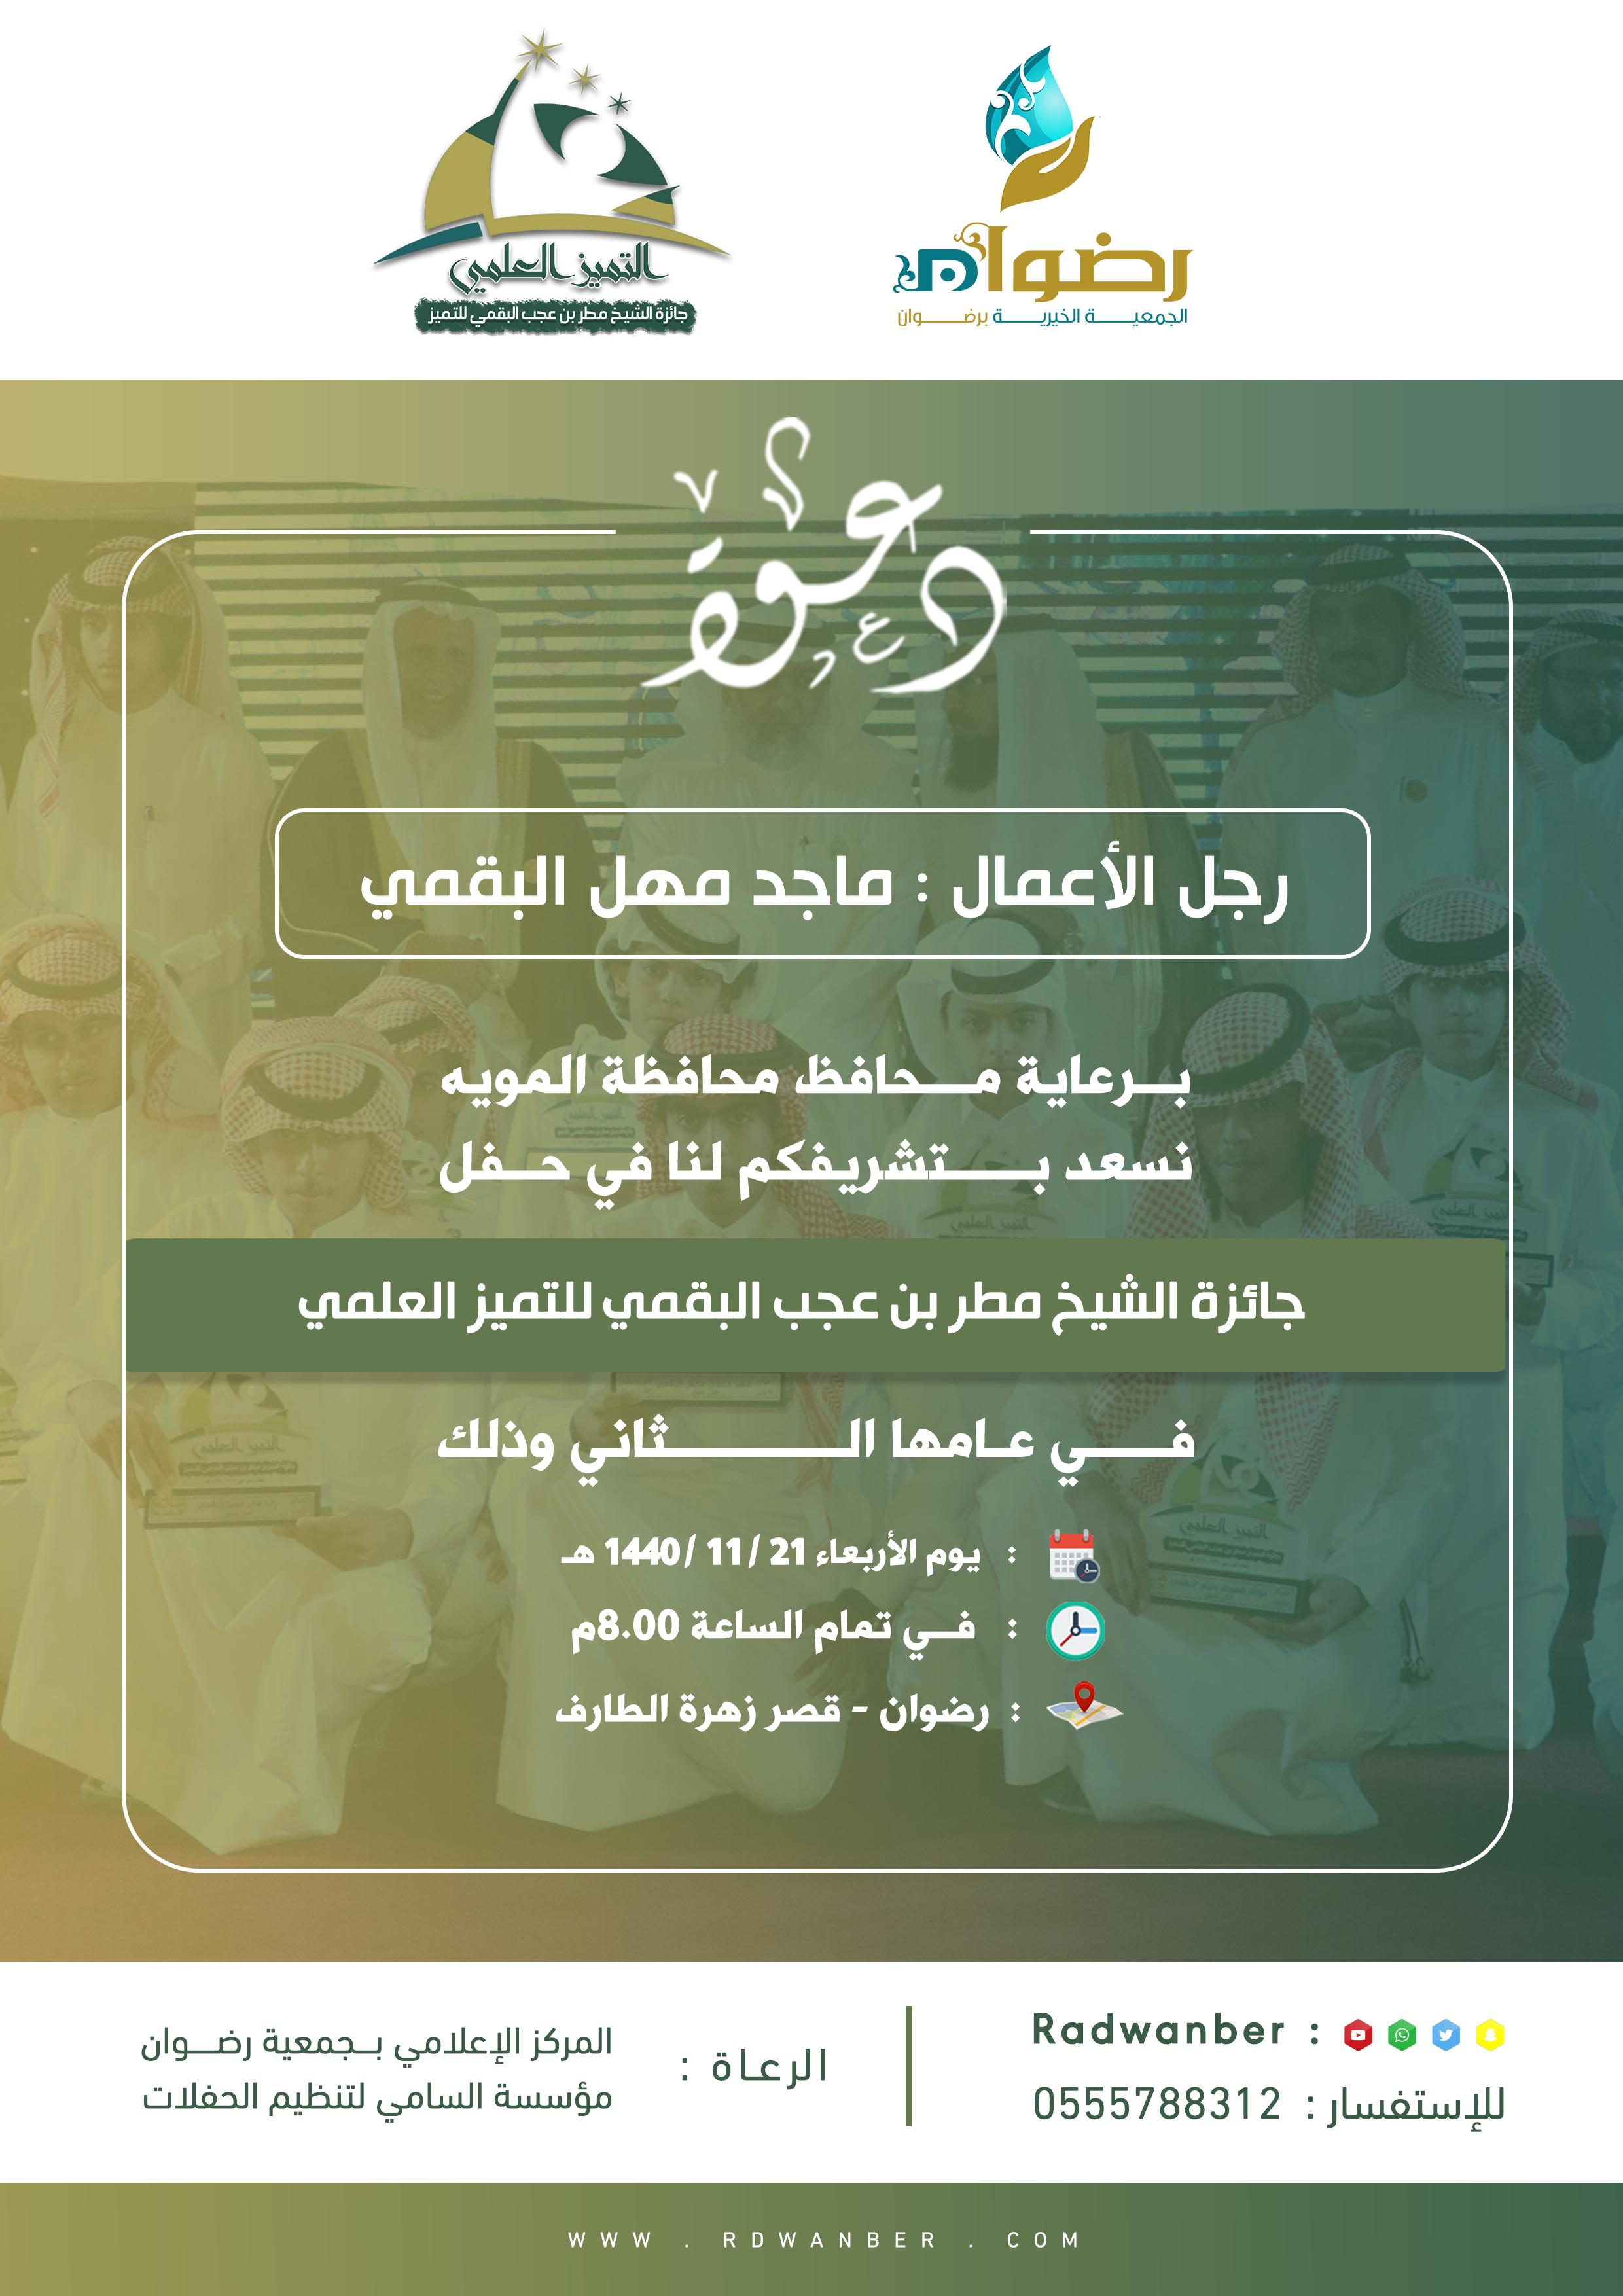 دعوة عيد ميلاد قلعة على التلة مجانية للتخصيص وطباعة أو مشاركة عبر الإنترنت رسم توضيحي للأميرة على طريق المؤدية إلى القلعة على التلة كي Eid Milad Birthday Eid